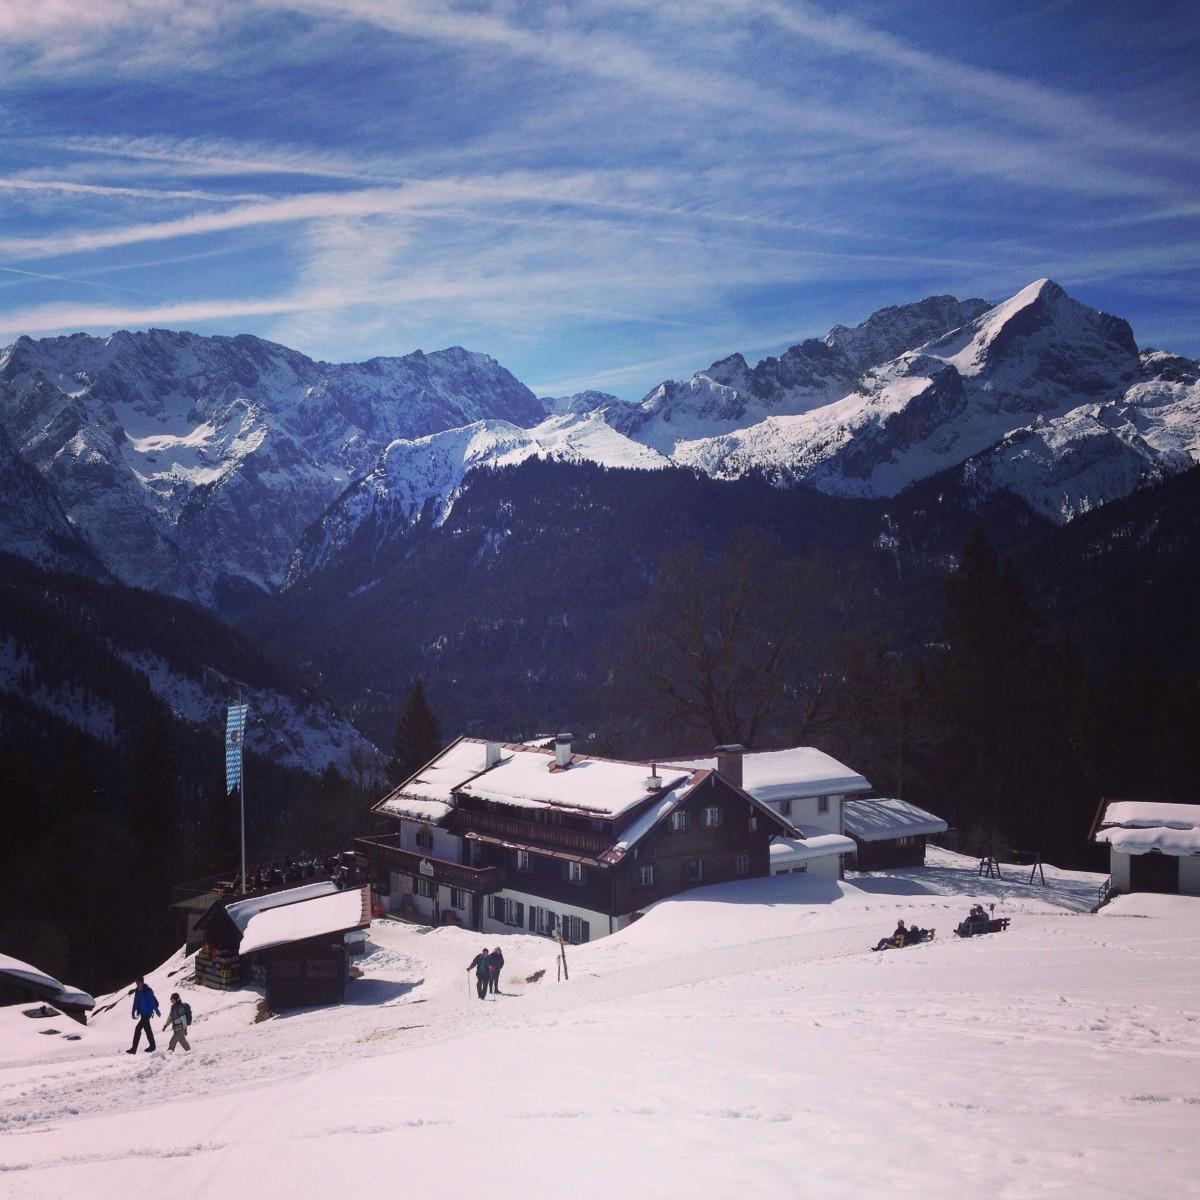 Der Berggasthof Eckbauer Skitouren-Lehrpfad am Eckbauer, Garmisch-Partenkirchen